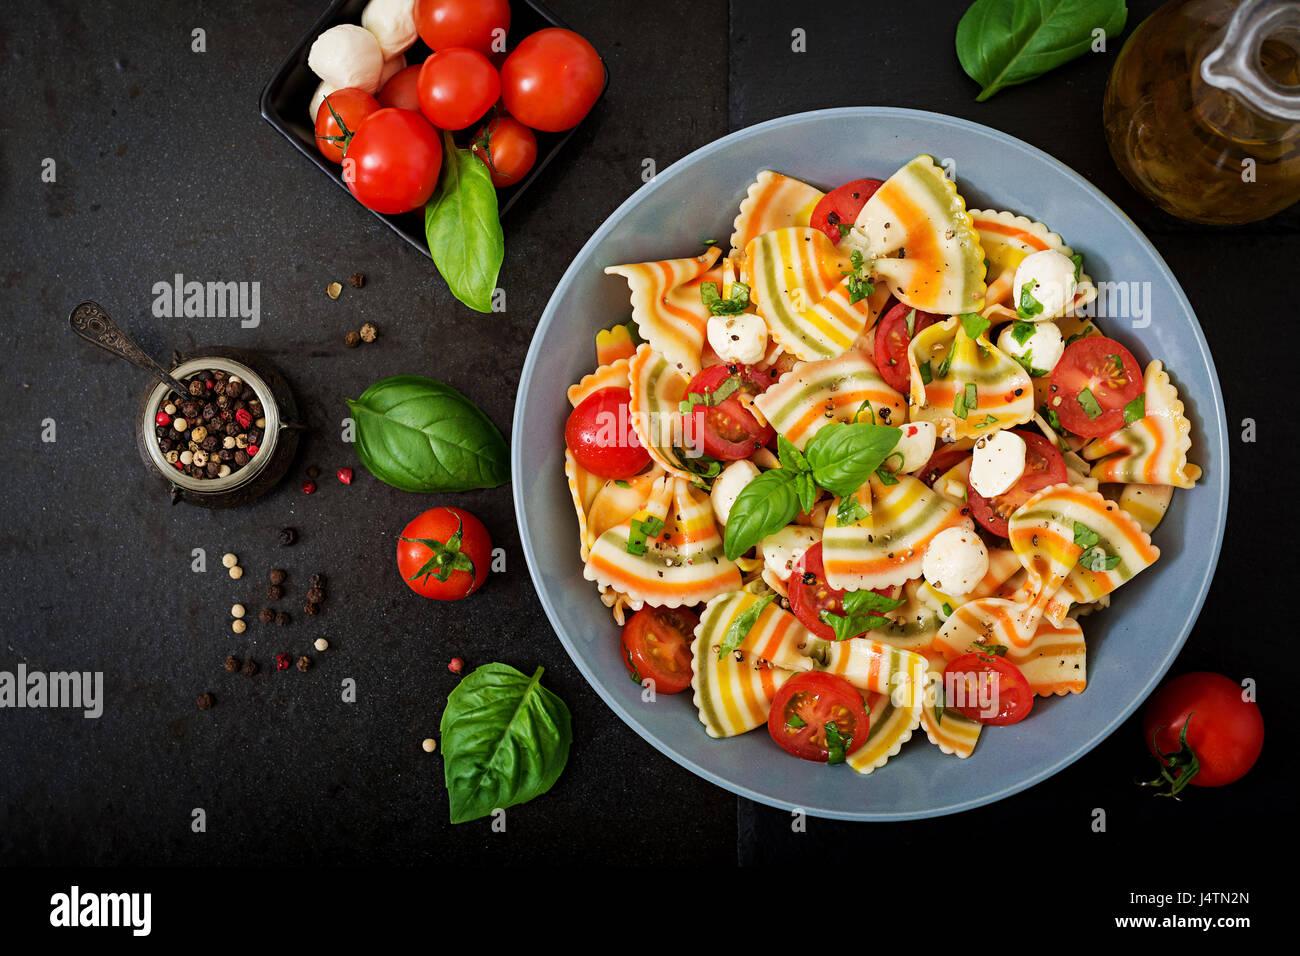 Nudeln, bunte Farfalle-Salat mit Tomaten, Mozzarella und Basilikum. Stockfoto